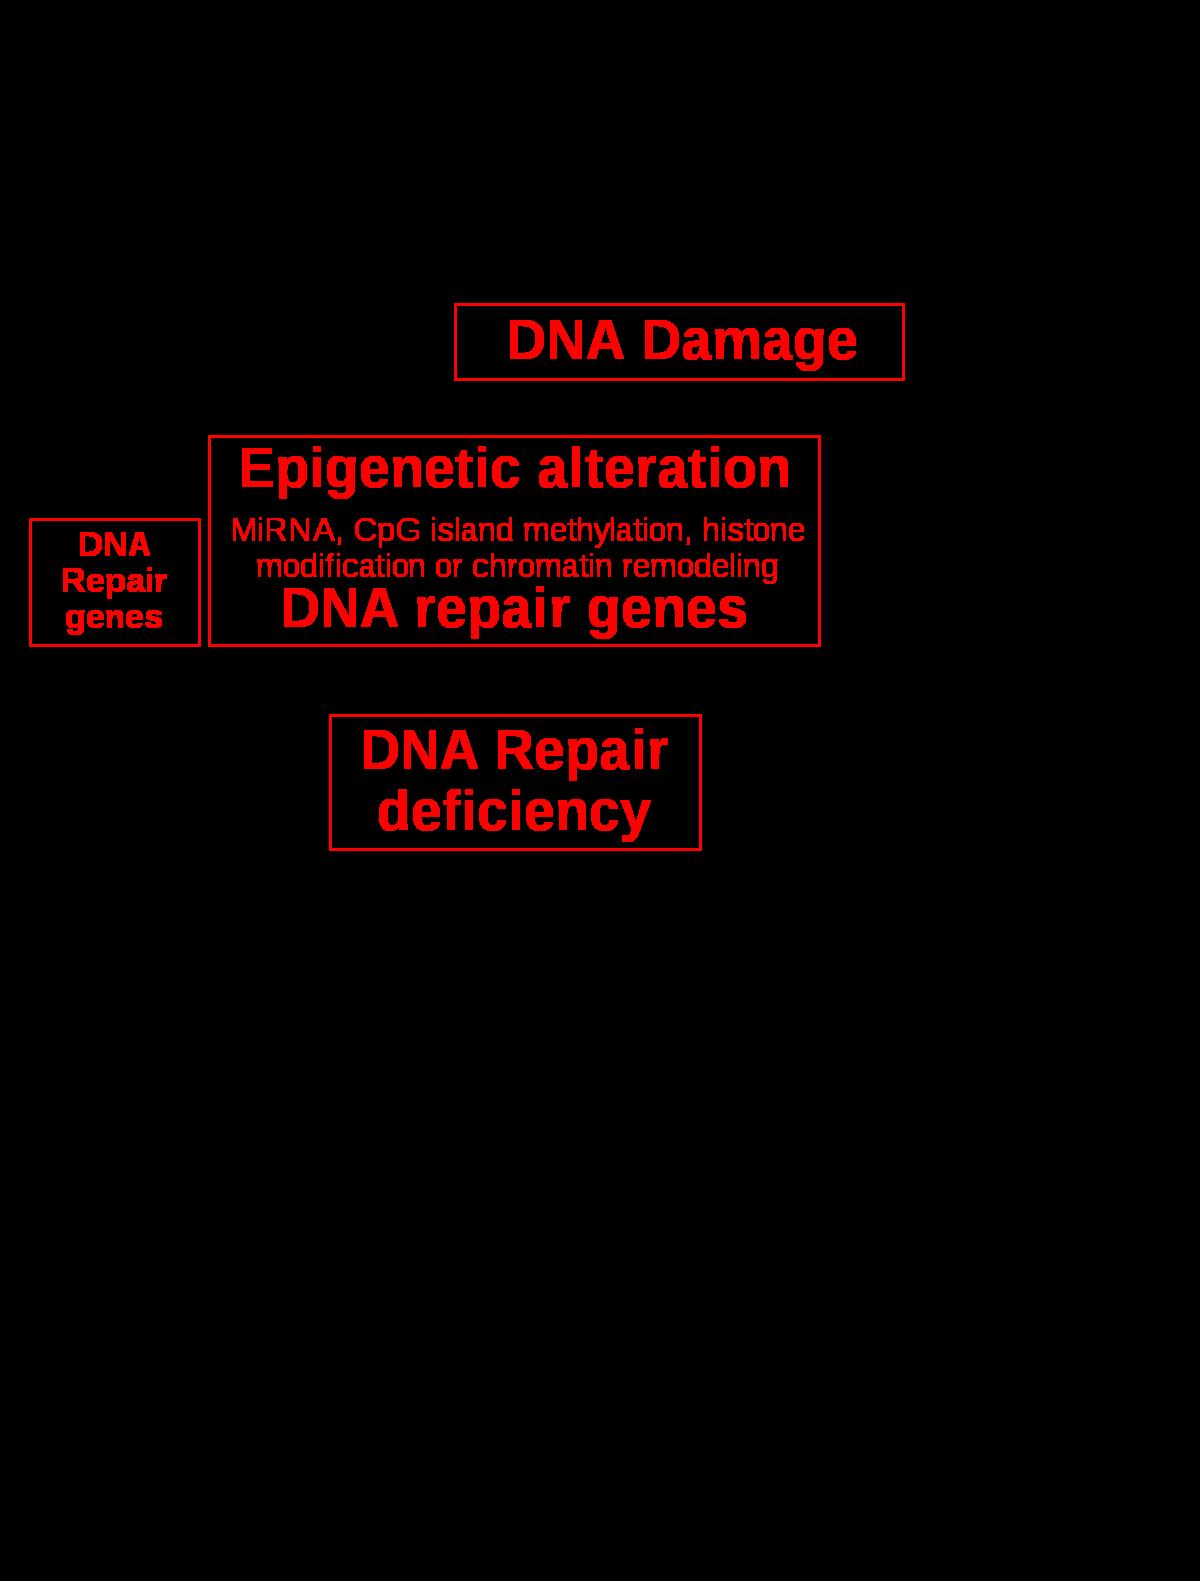 papillomavírus ez az élet enterobiasis definíció